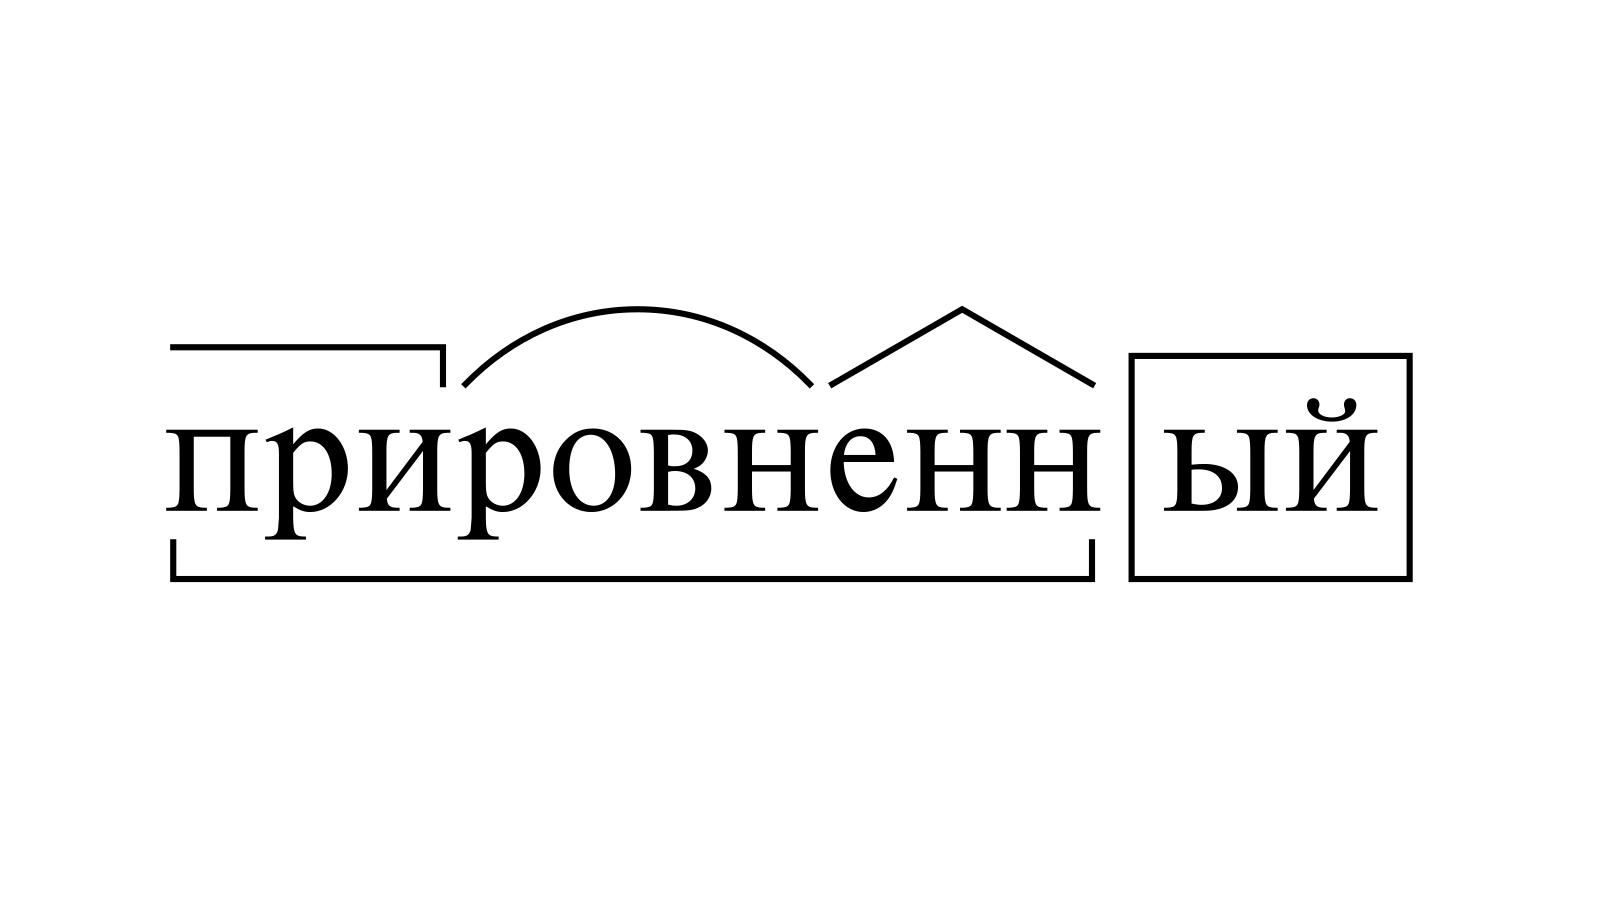 Разбор слова «прировненный» по составу